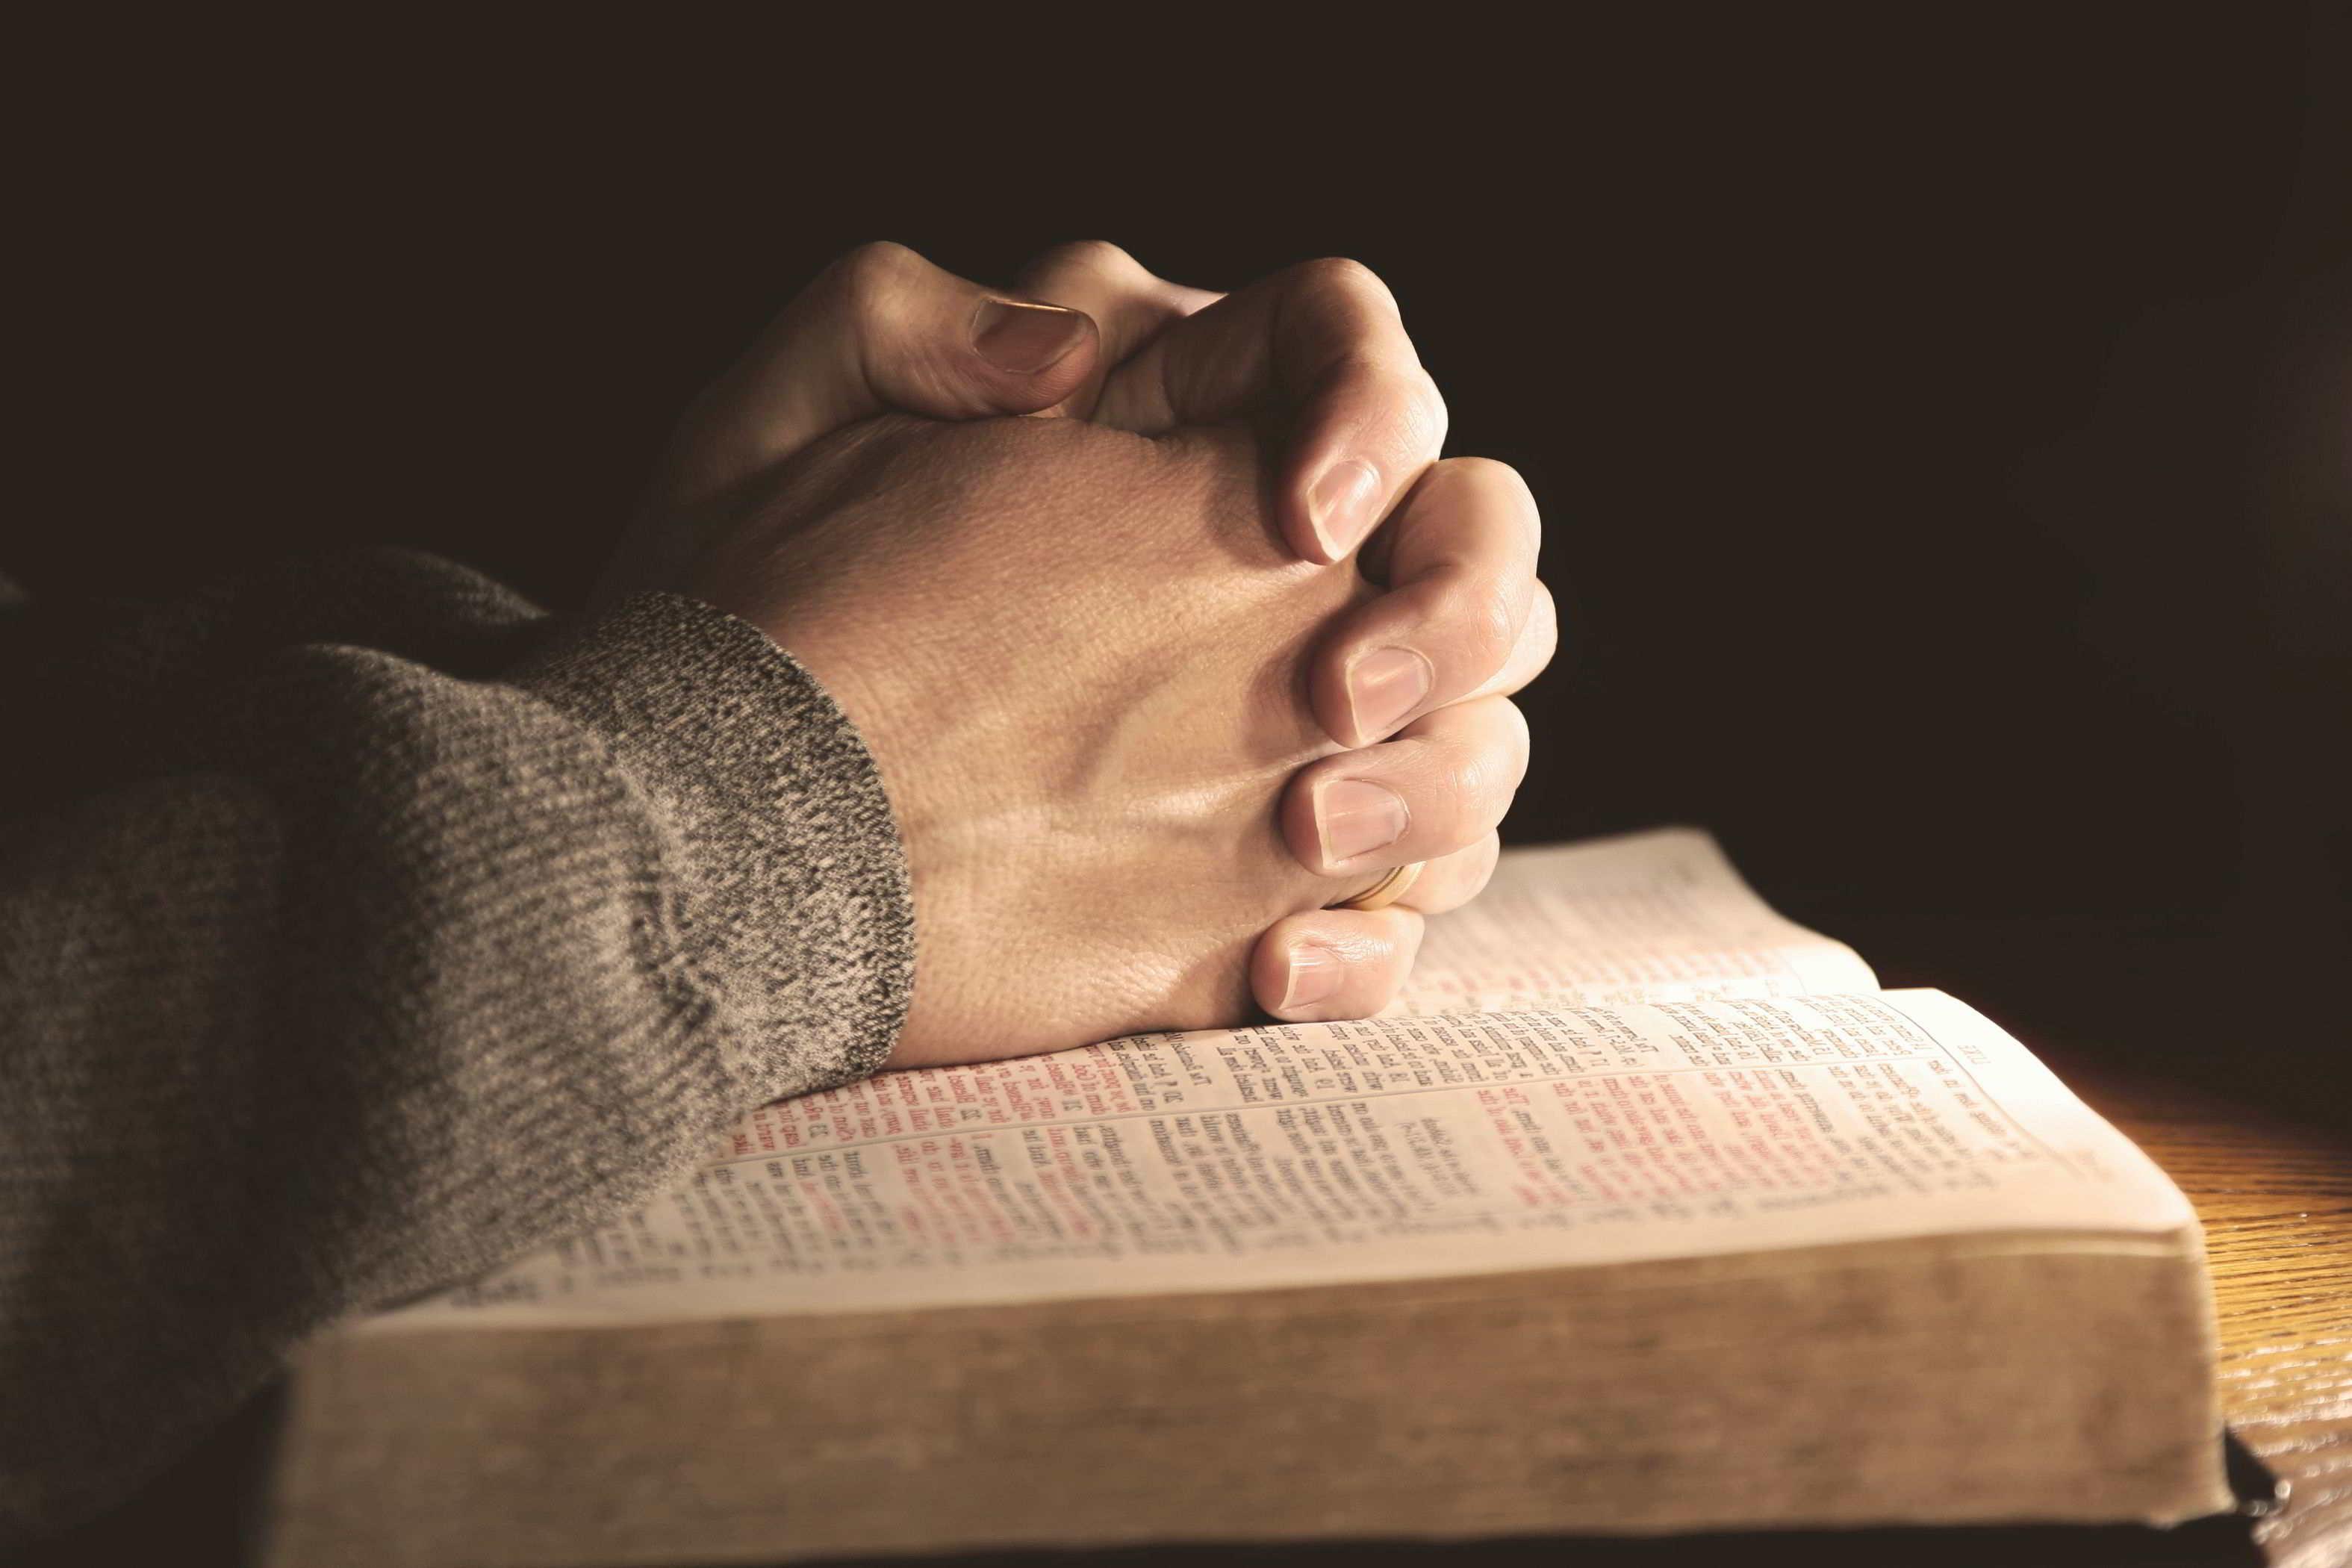 Лучшая молитва Святителю Николаю Мирликийскому, чтобы всё было хорошо